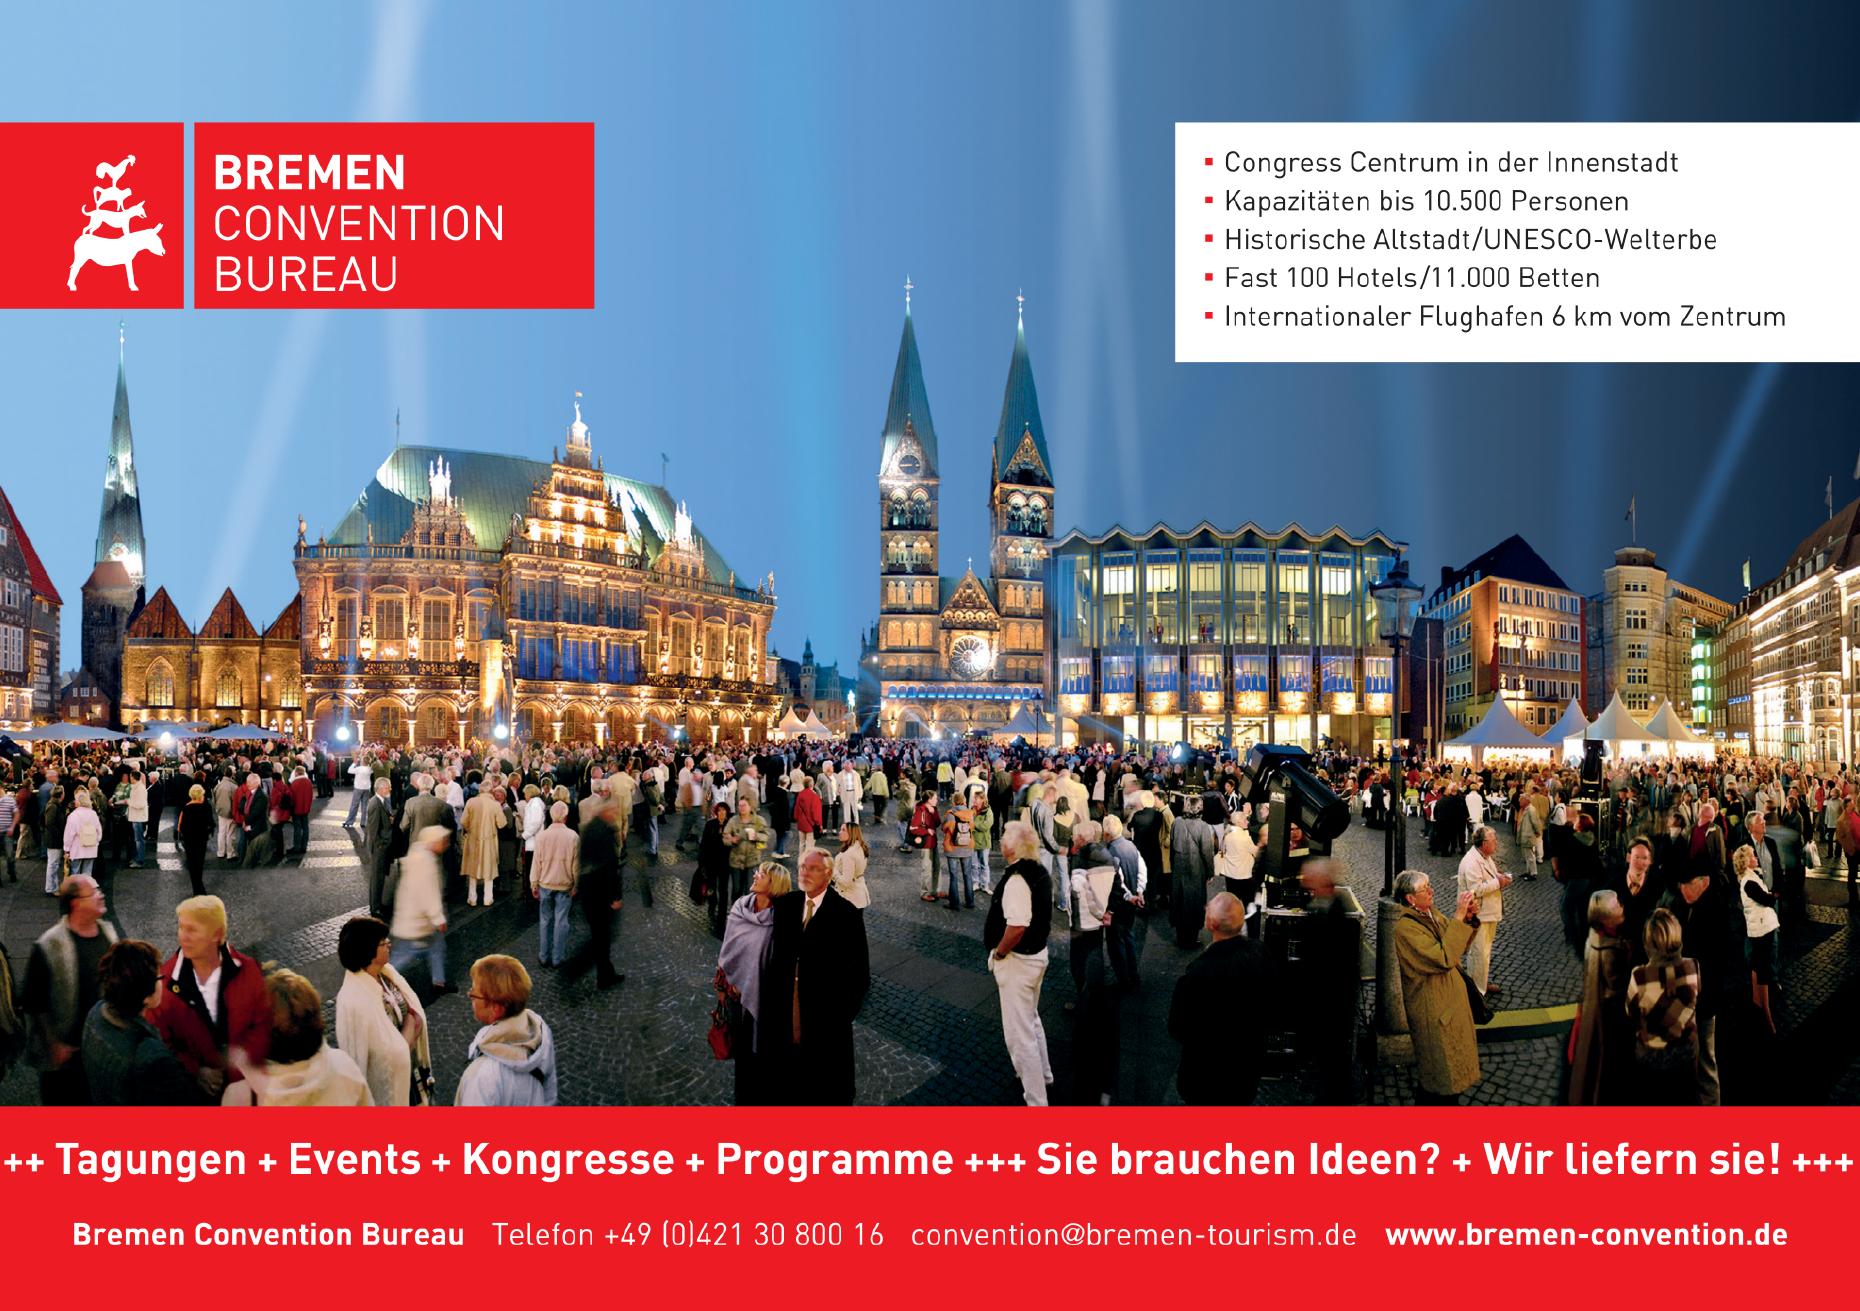 Bremen Convention Bureau